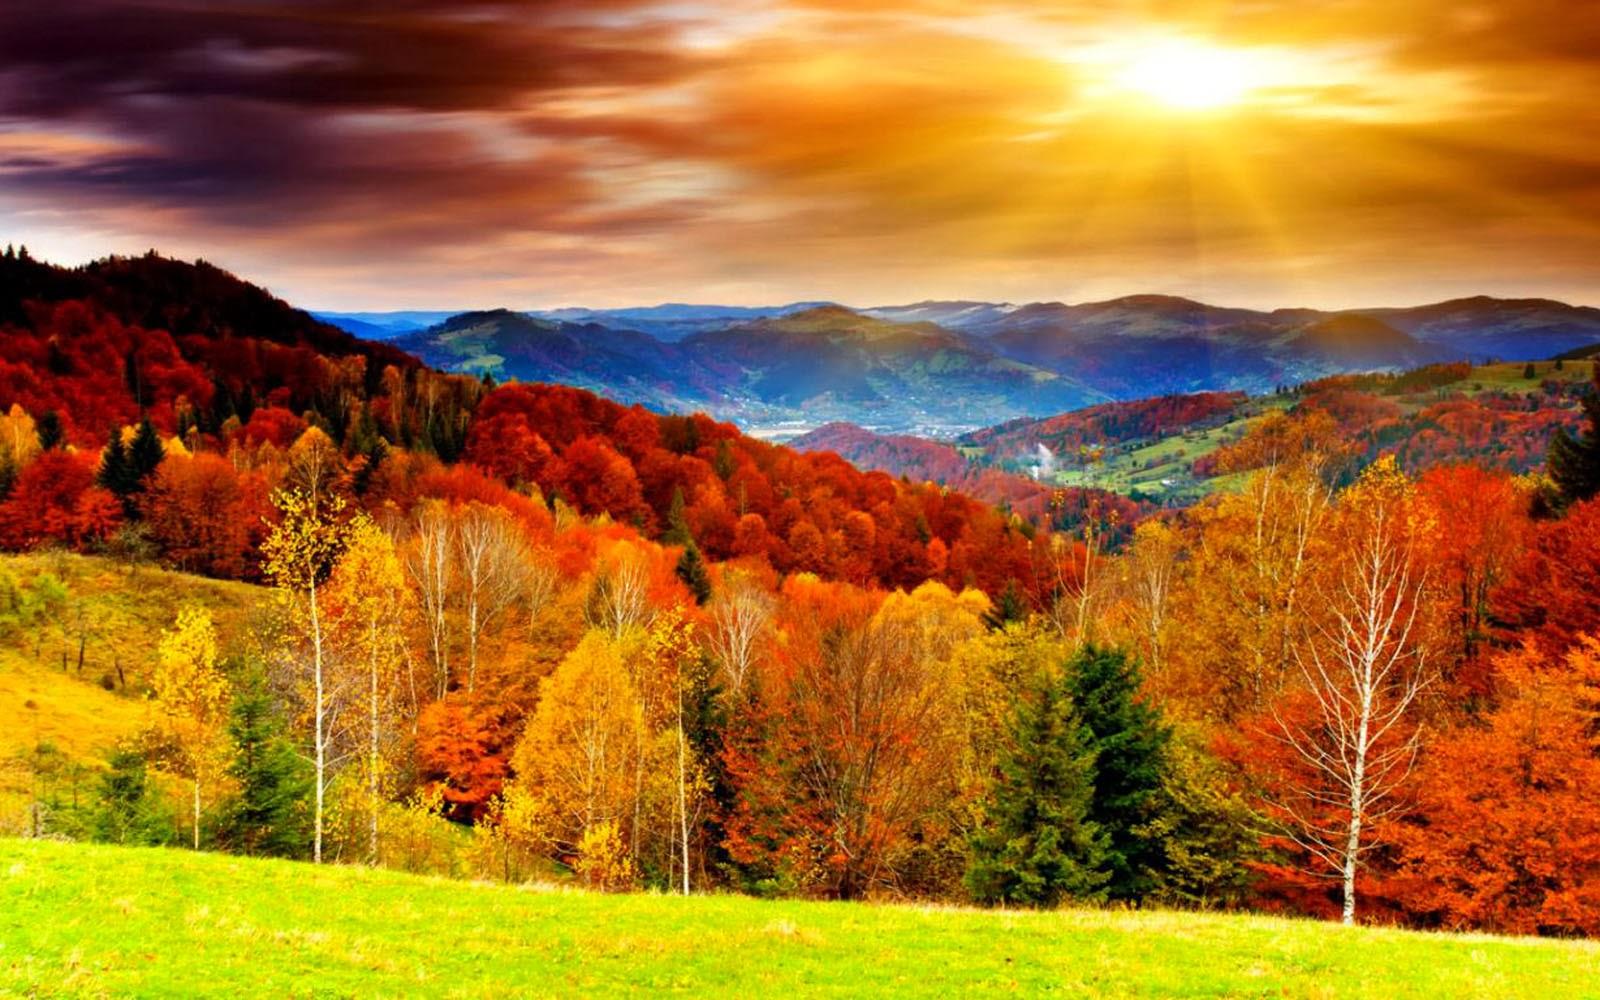 art pictures: Autumn Scenery Desktop Wallpapers